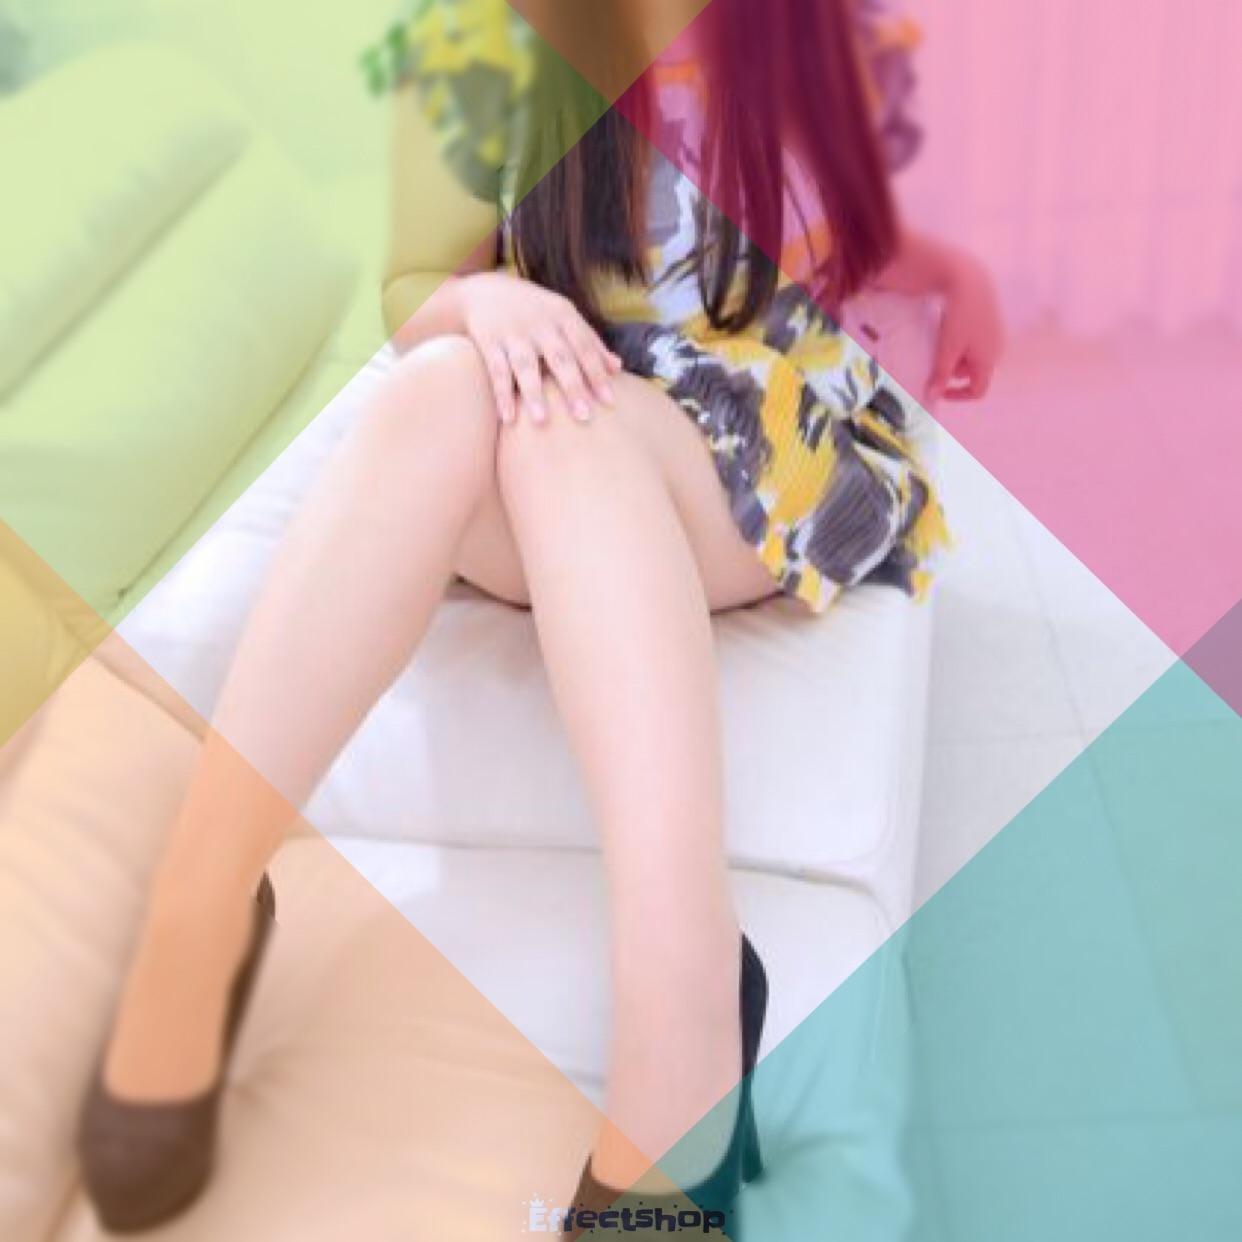 「幸せになりたい」08/27(月) 22:02   立花の写メ・風俗動画